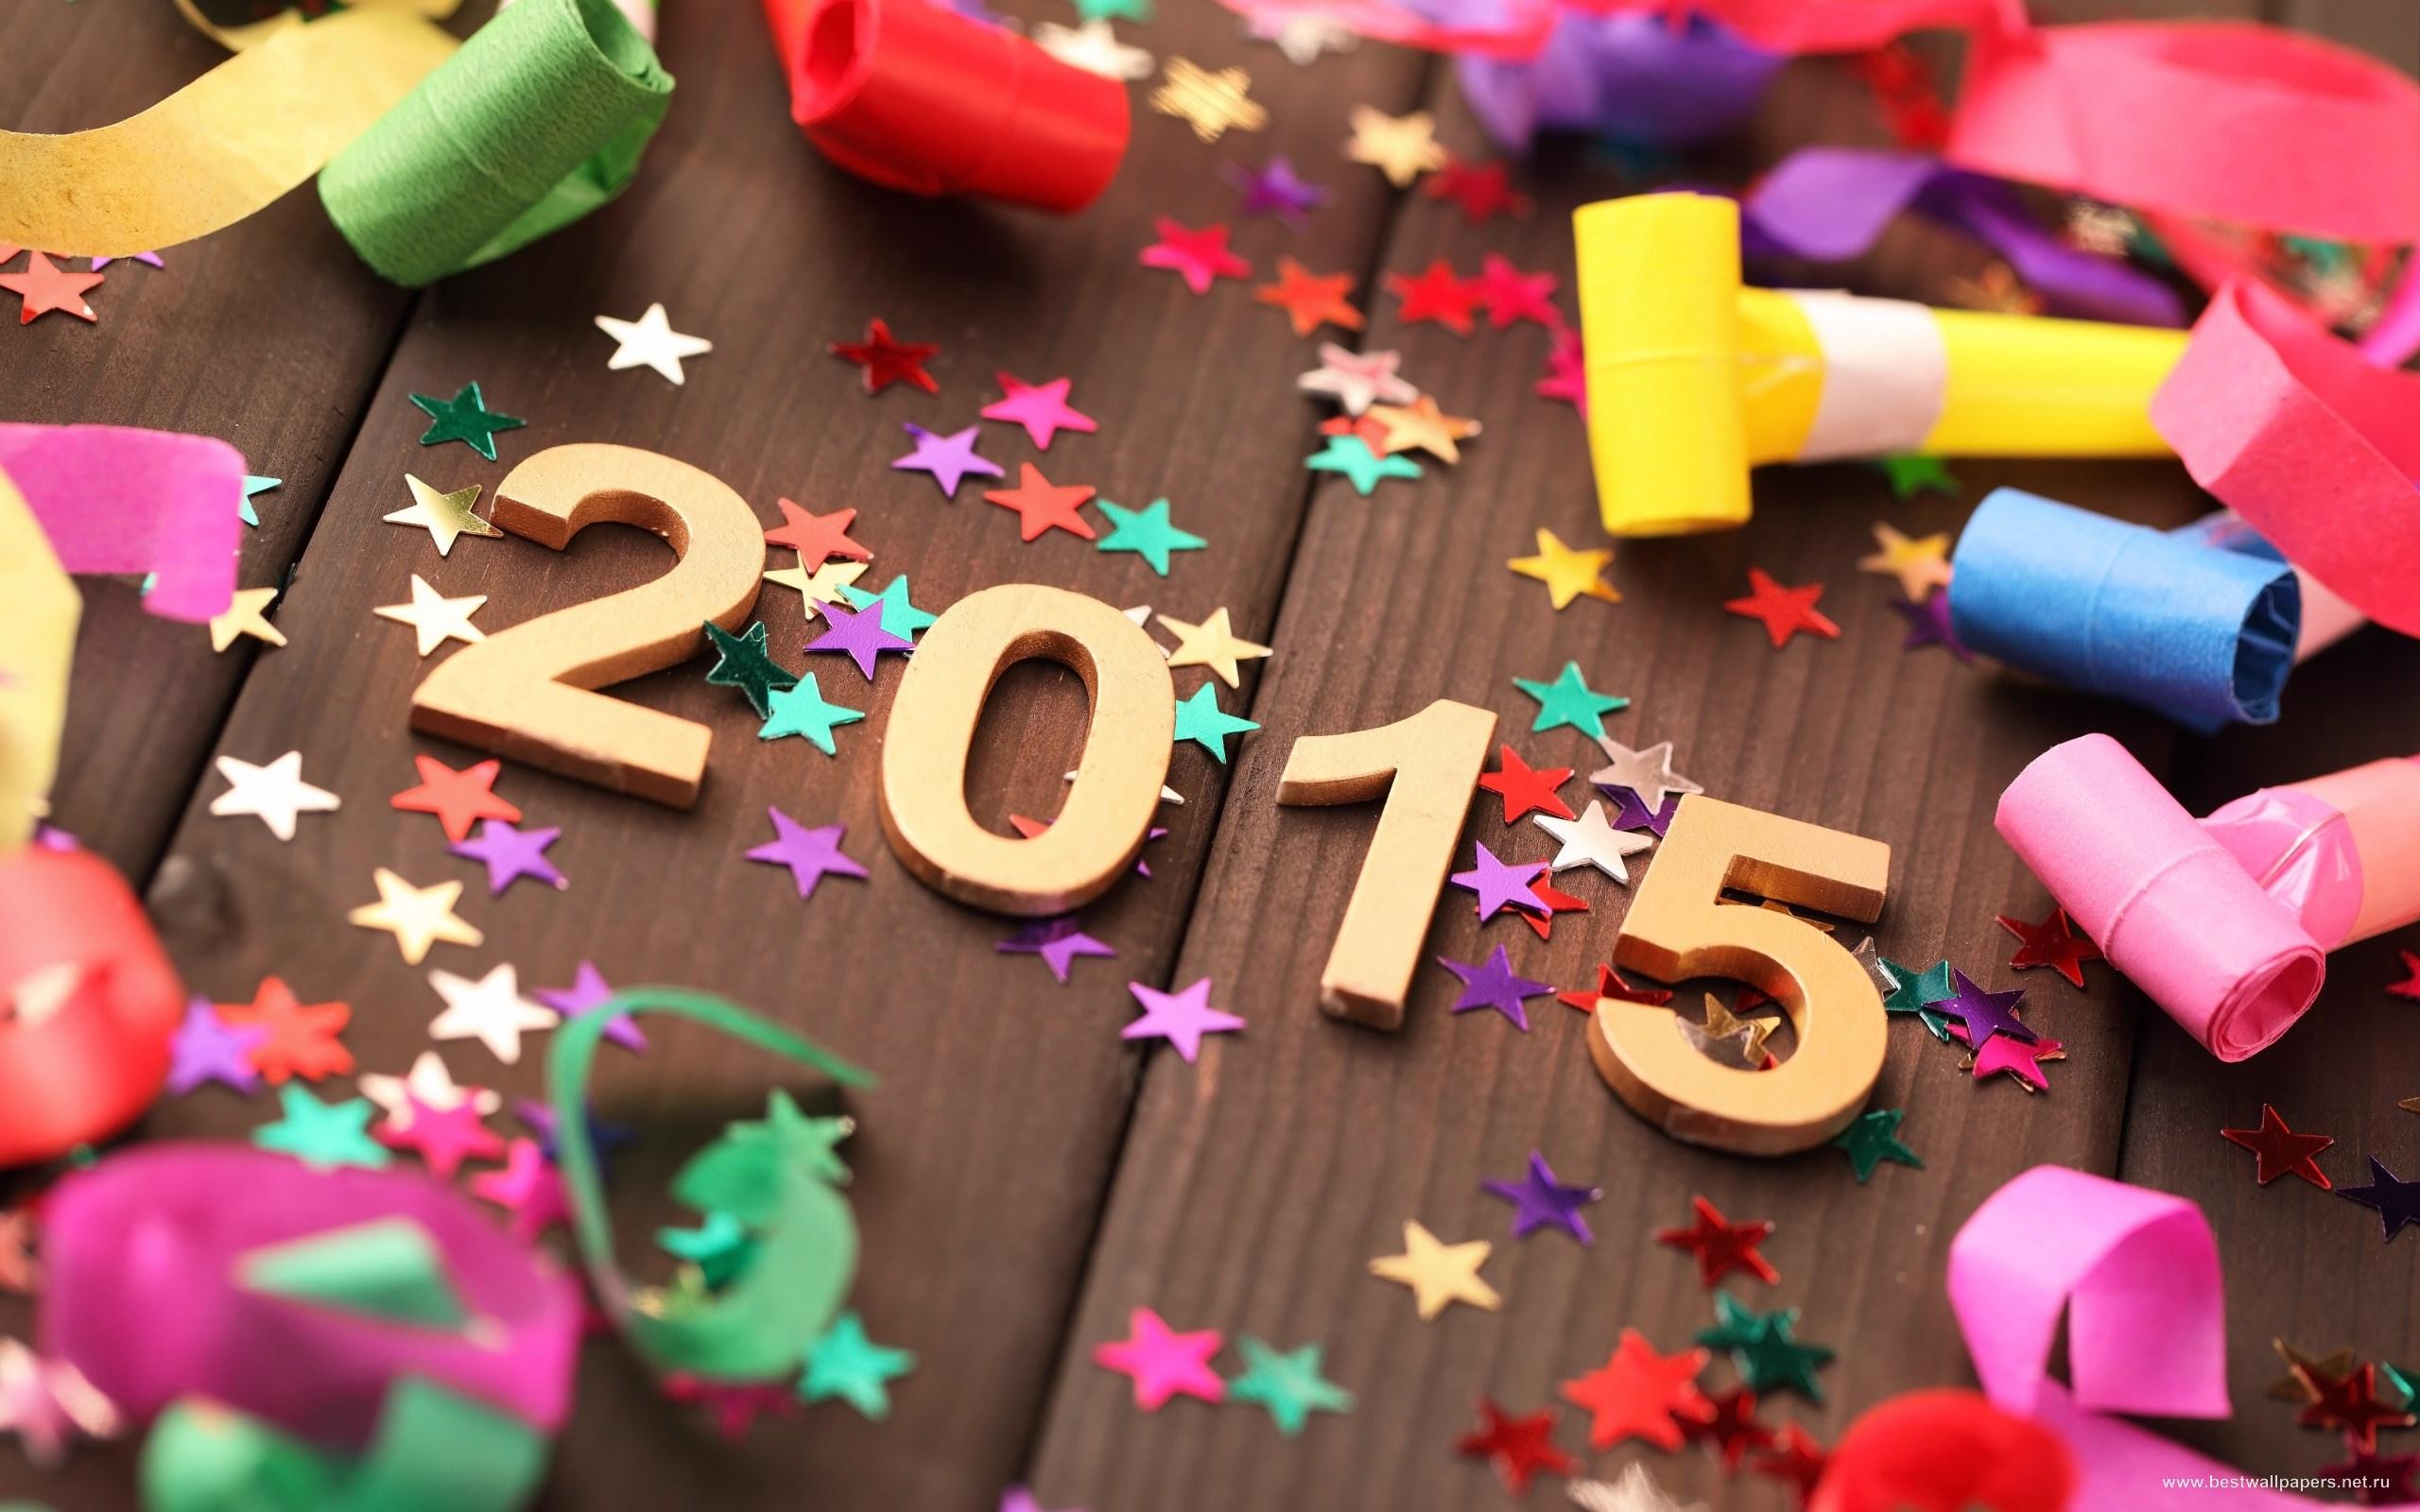 Новым 2015 годом